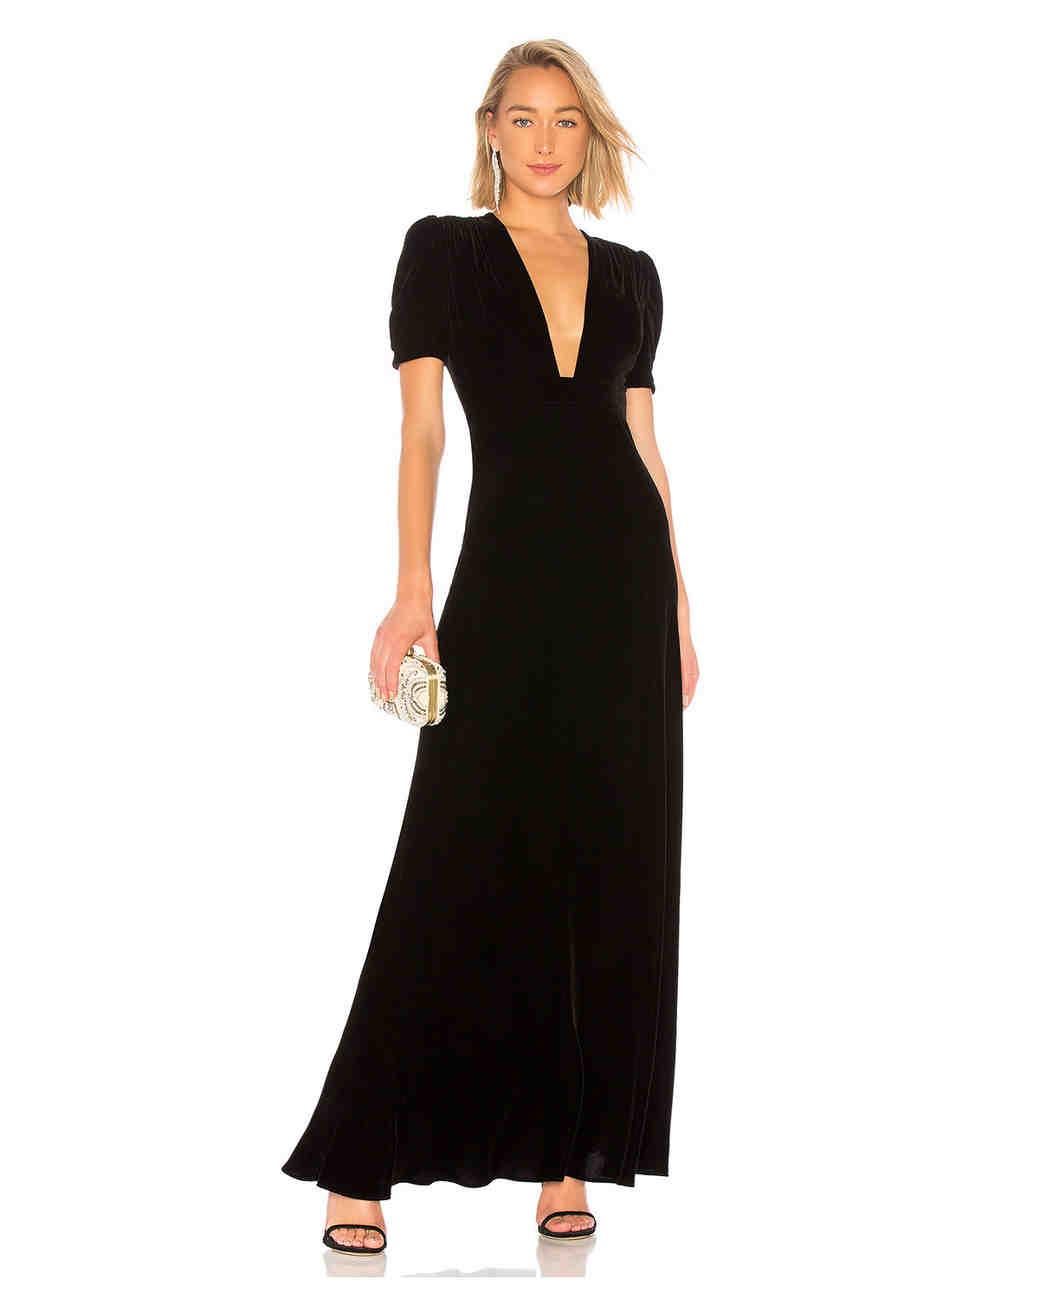 Elegant Dresses For Wedding Guests 2